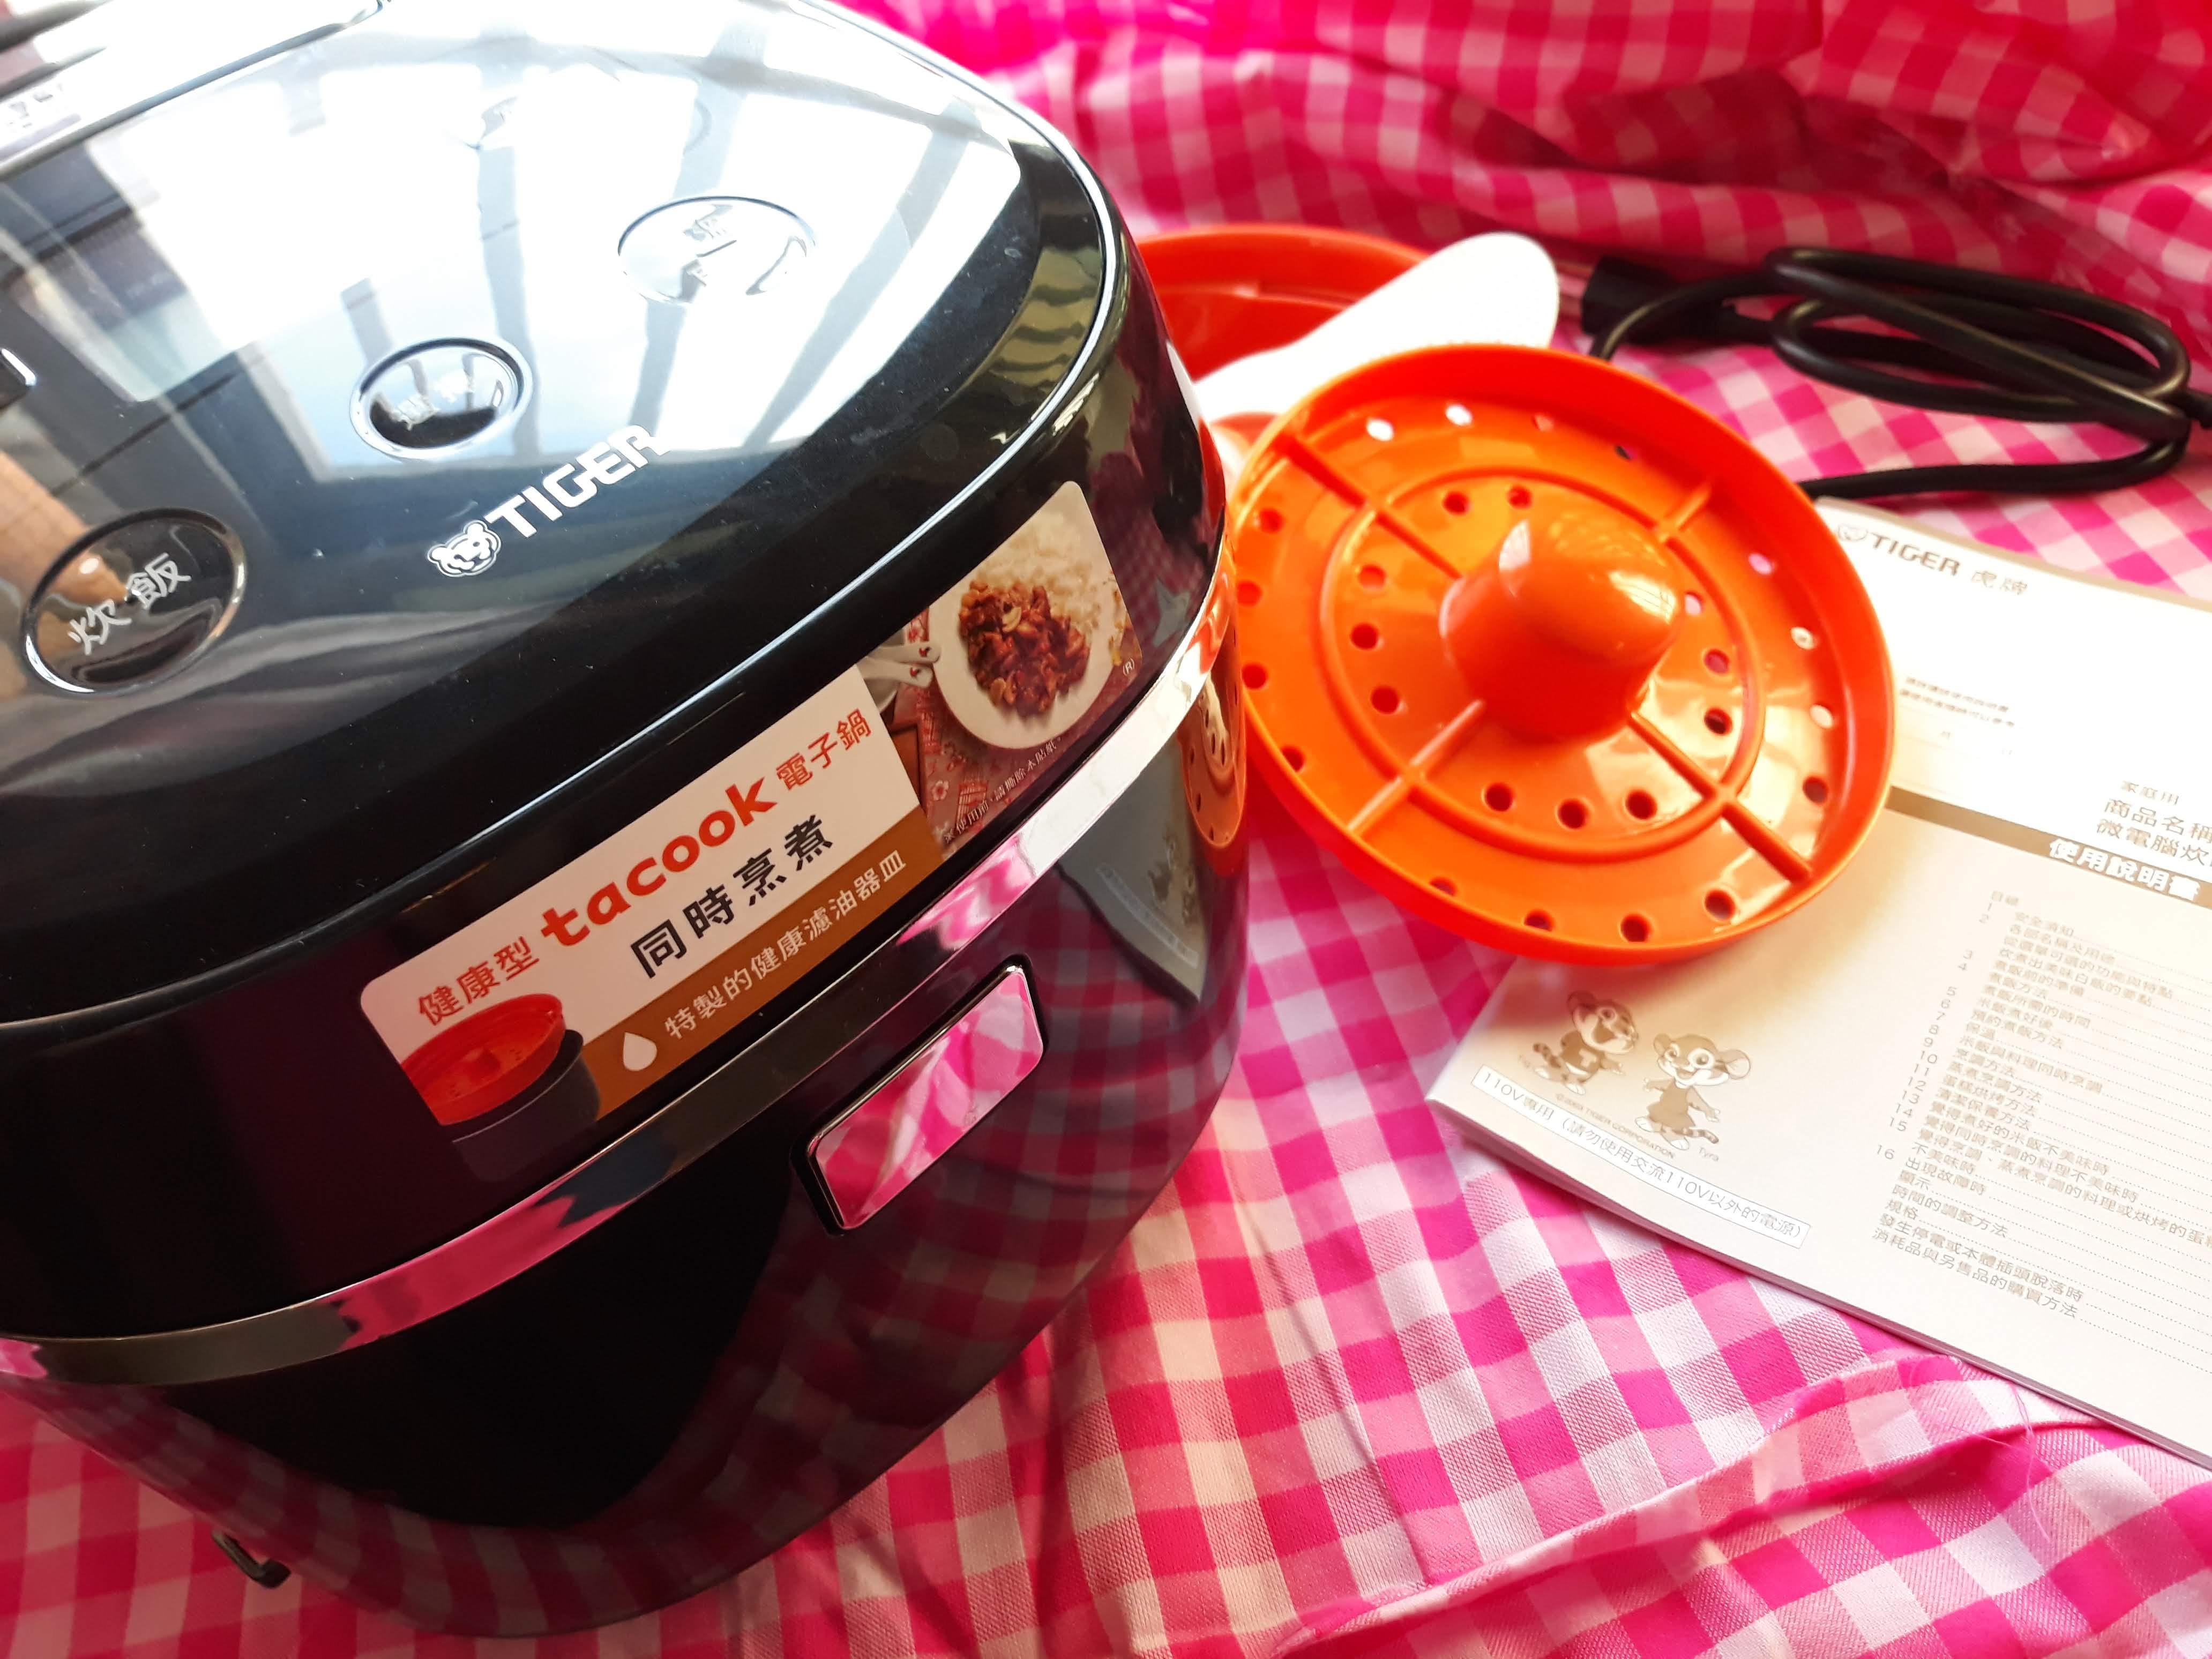 用虎牌電子鍋為幸福升溫,讓孩子大喊: 「我要開動了!」的第 1 張圖片